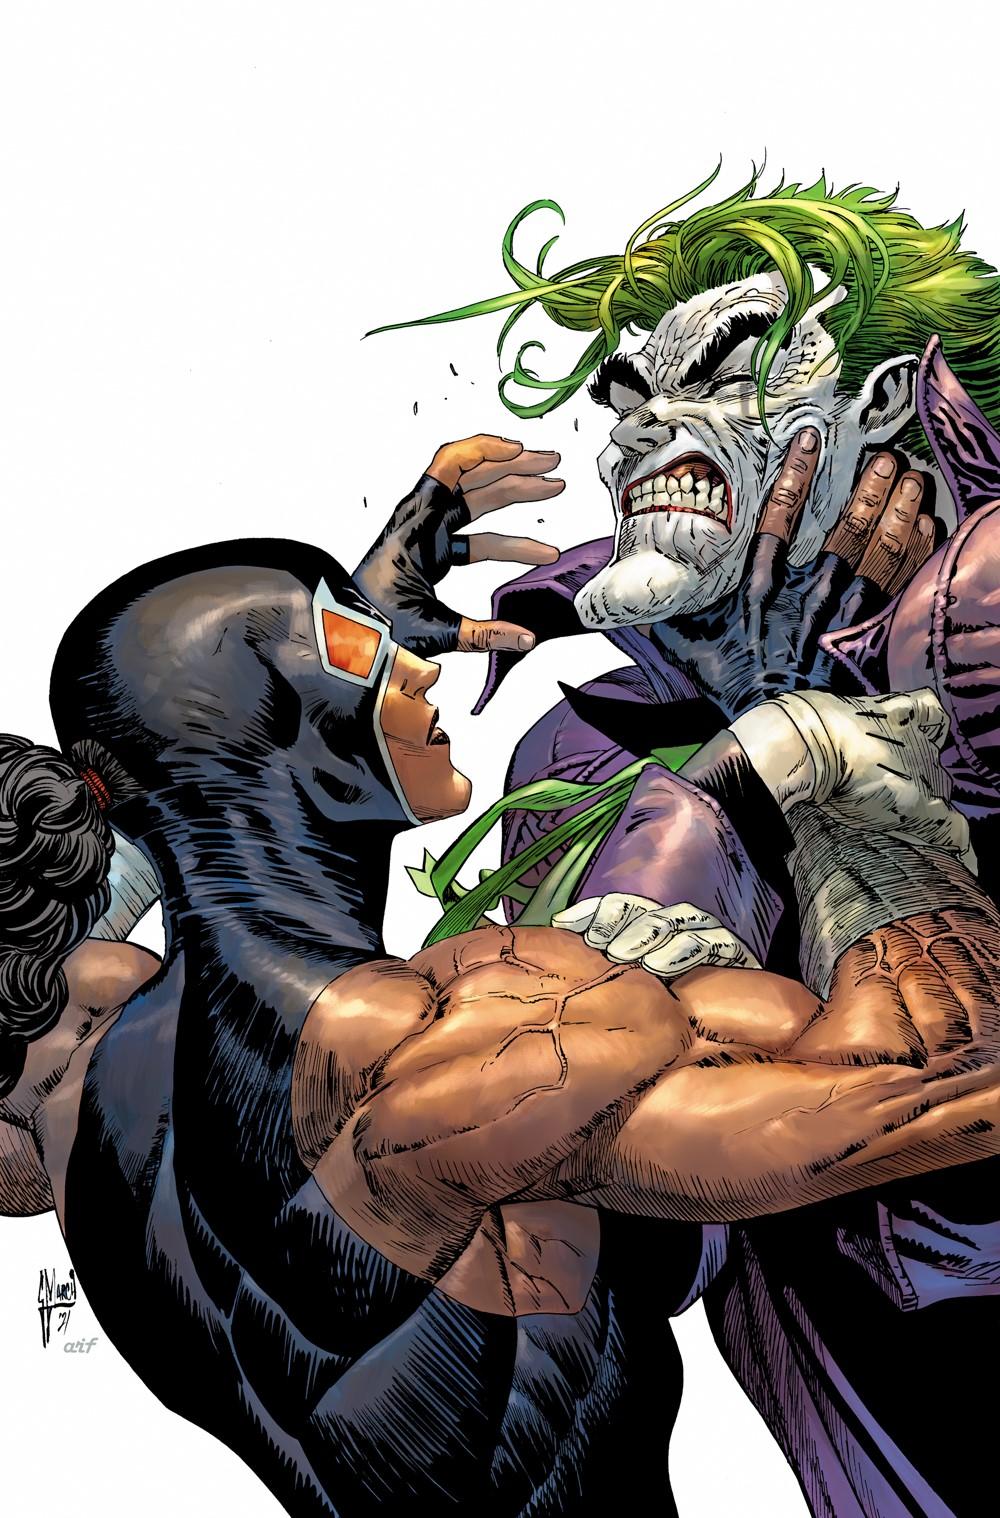 Joker8_Main_Cover DC Comics October 2021 Solicitations